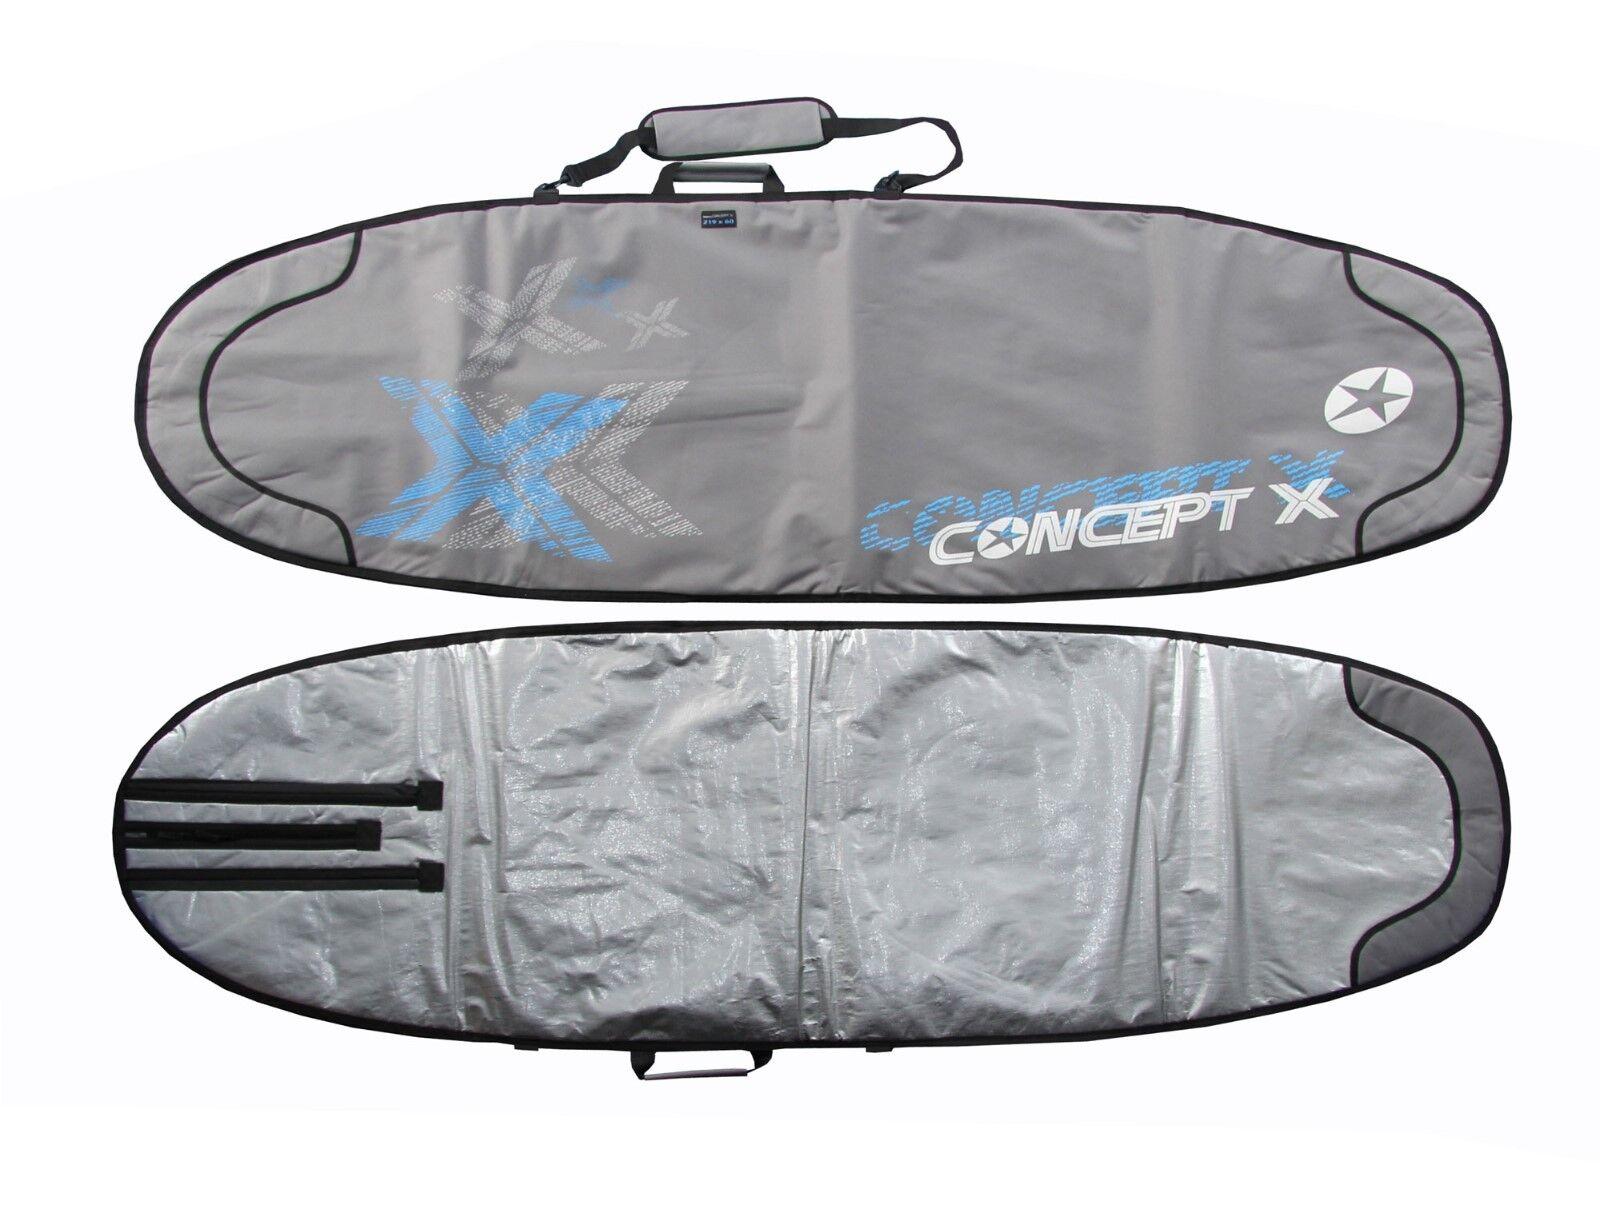 Concept Concept Concept X Funda Tabla 219 Cm Vuelo y Viajes Bag Windsurf Transporte Bag Nuevo 01c020